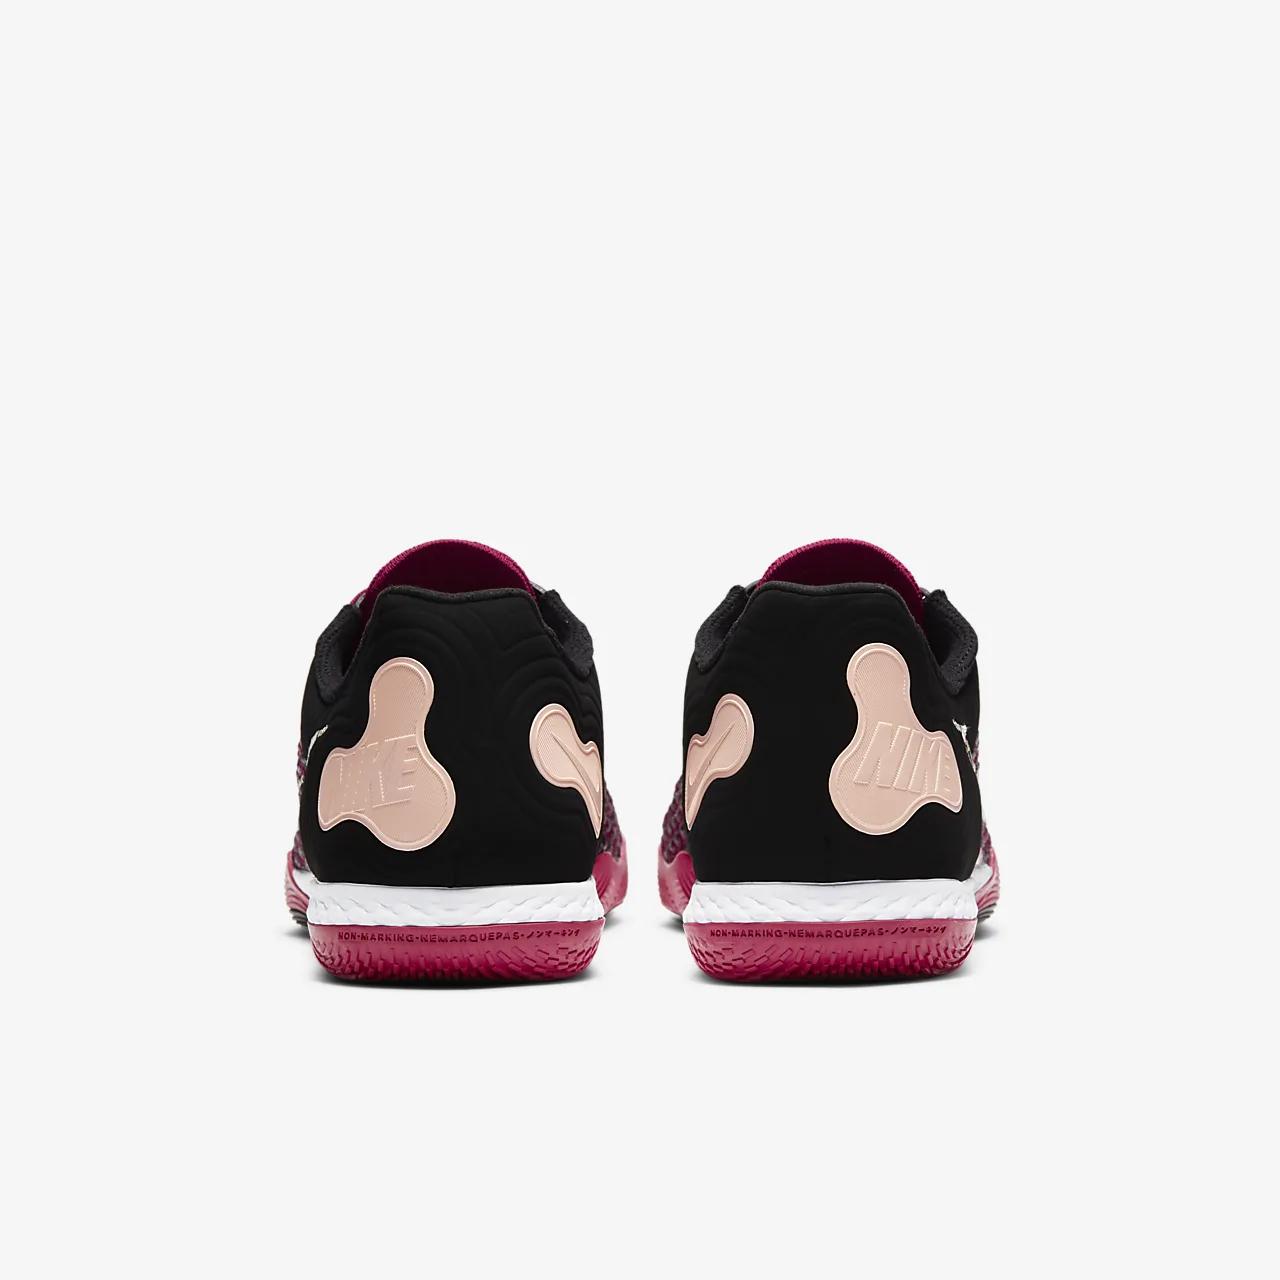 유럽직배송 나이키 NIKE Nike React Gato Indoor/Court Football Shoe CT0550-608